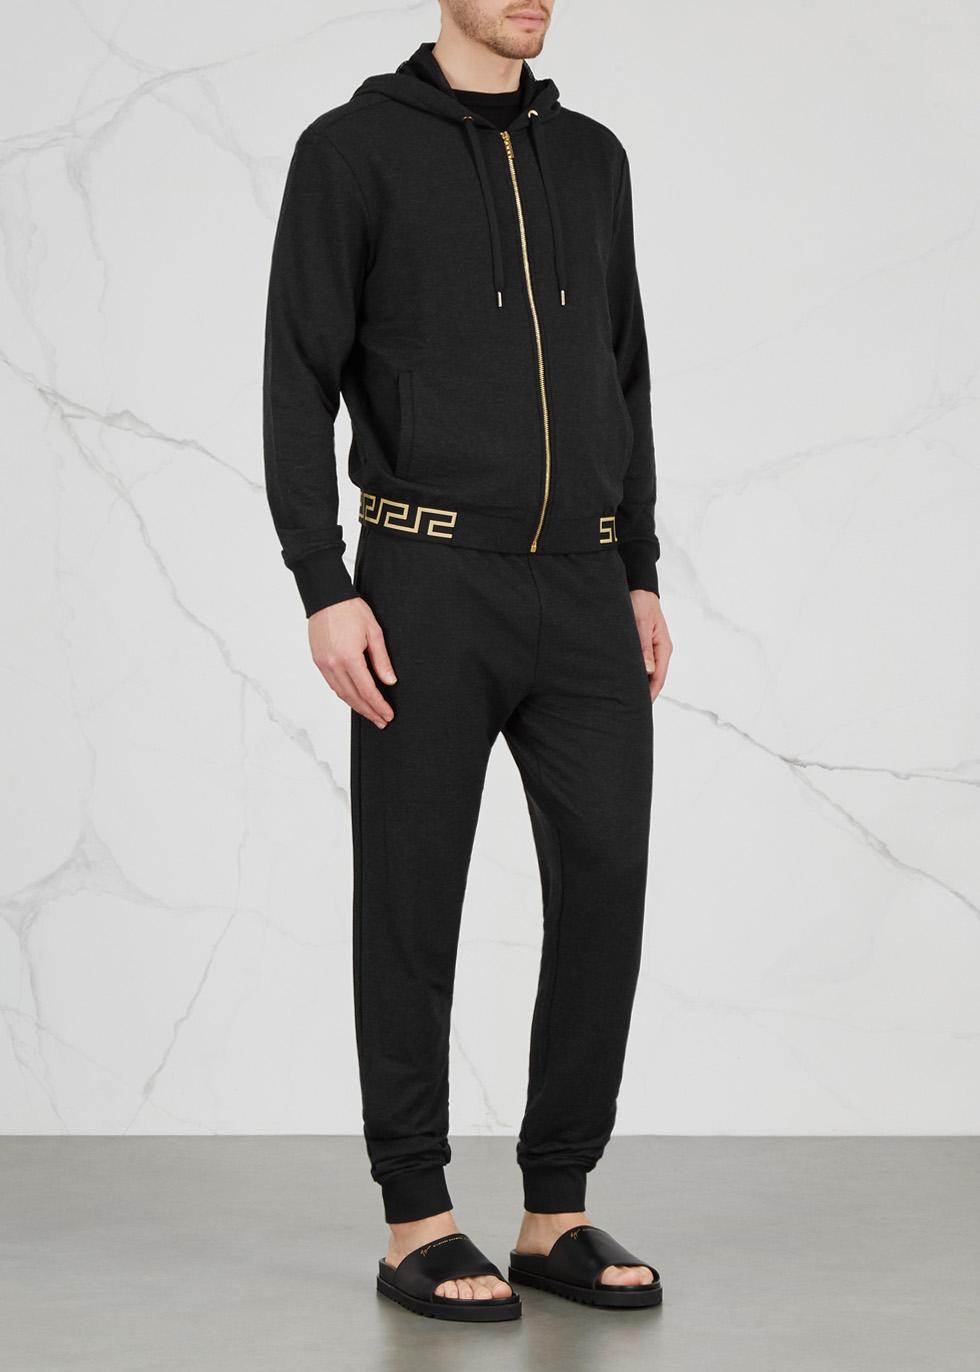 Black hooded modal blend sweatshirt - Versace